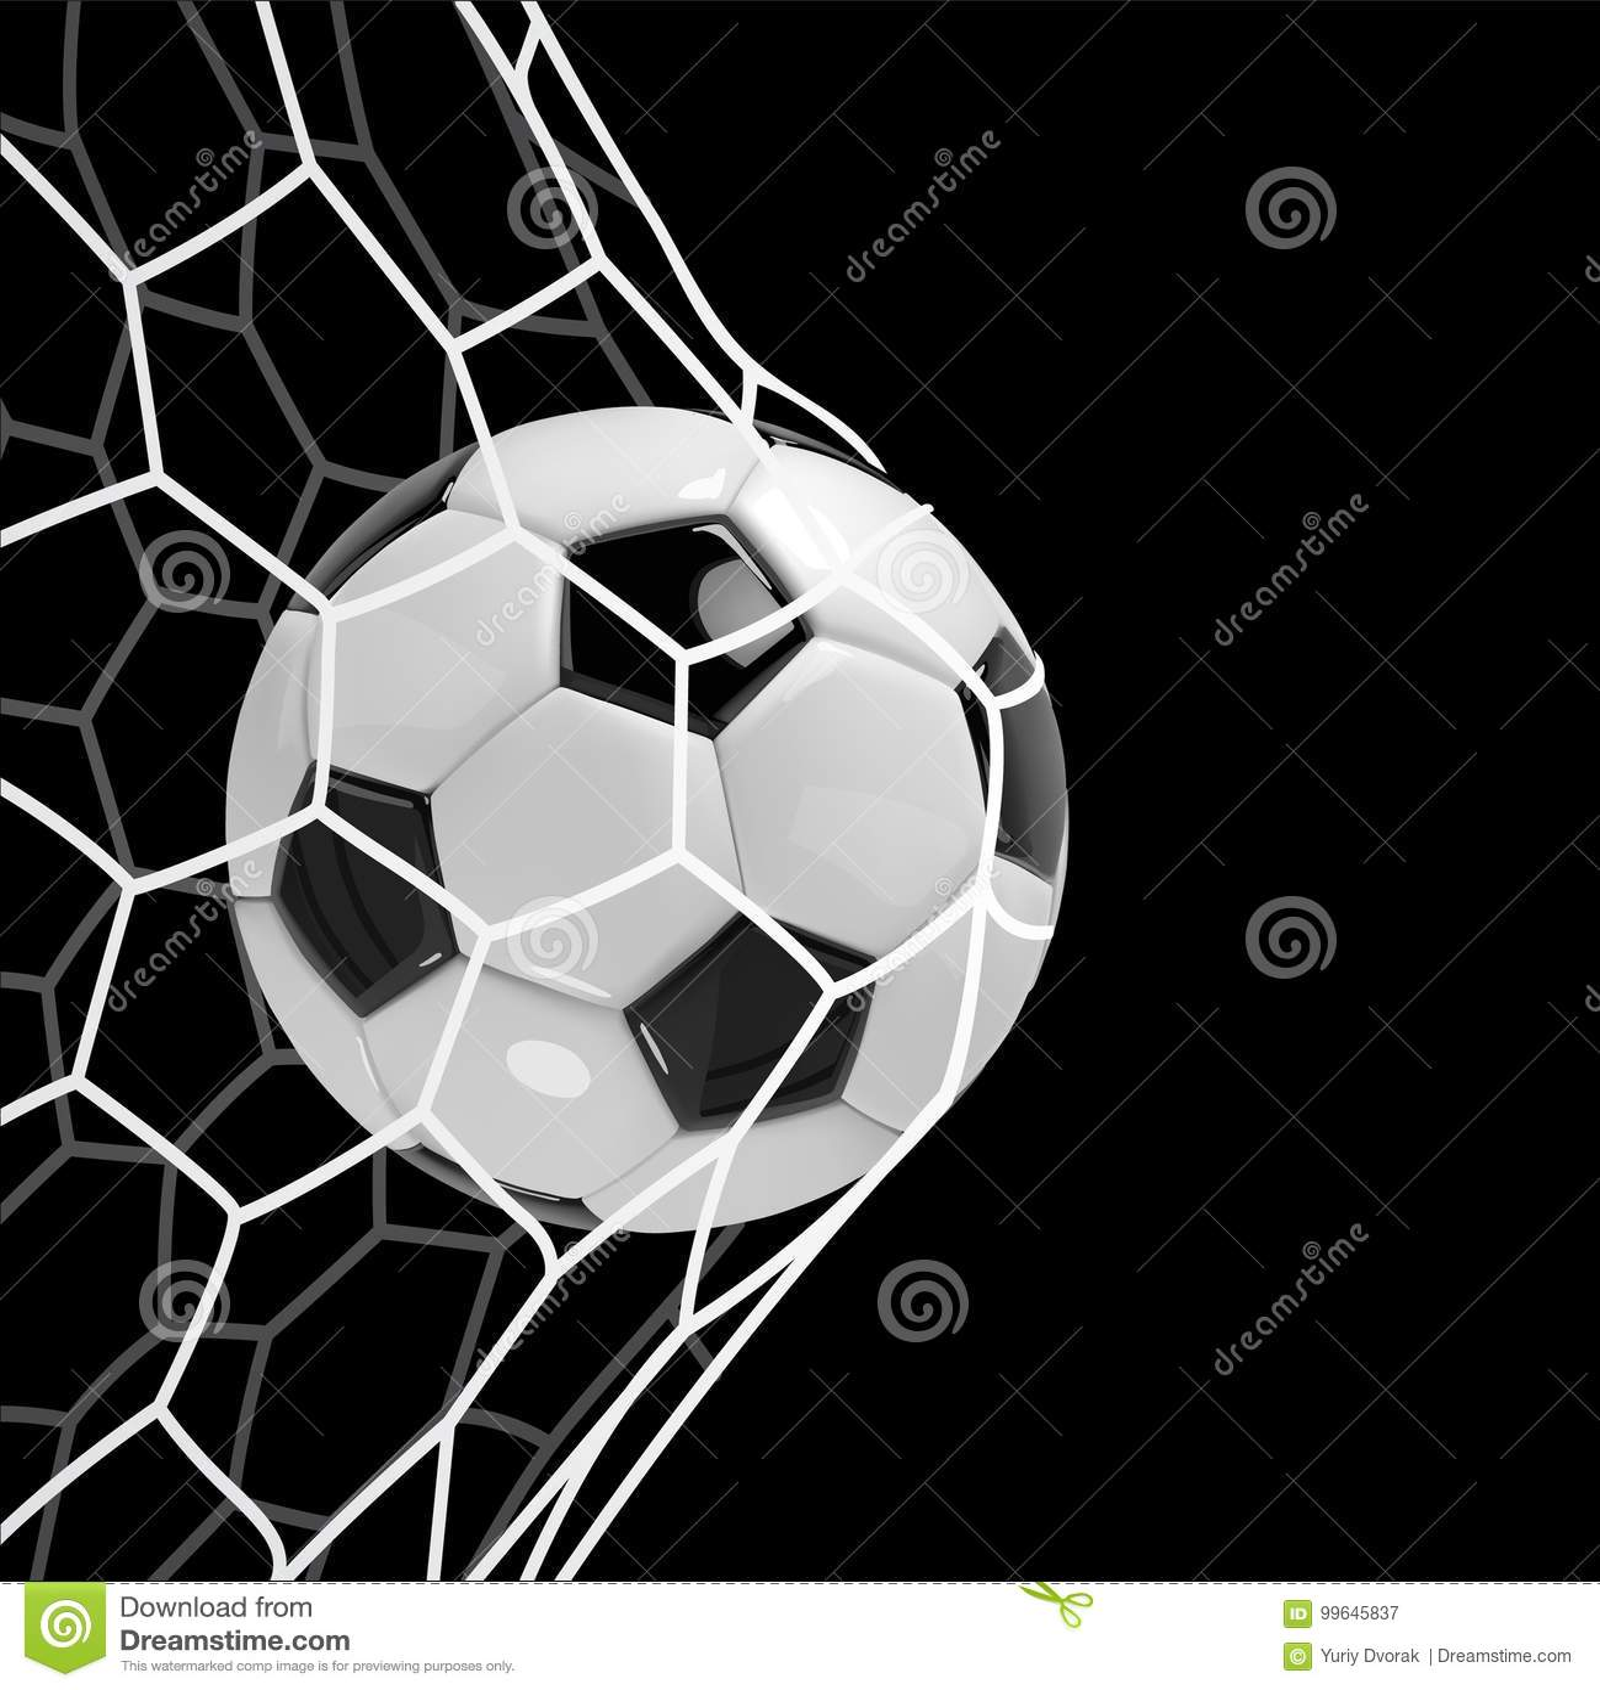 Ρεαλιστική σφαίρα ποδοσφαίρου ή σφαίρα ποδοσφαίρου σε καθαρό στο μαύρο υπόβαθρο τρισδιάστατη διανυσματική σφαίρα ύφους